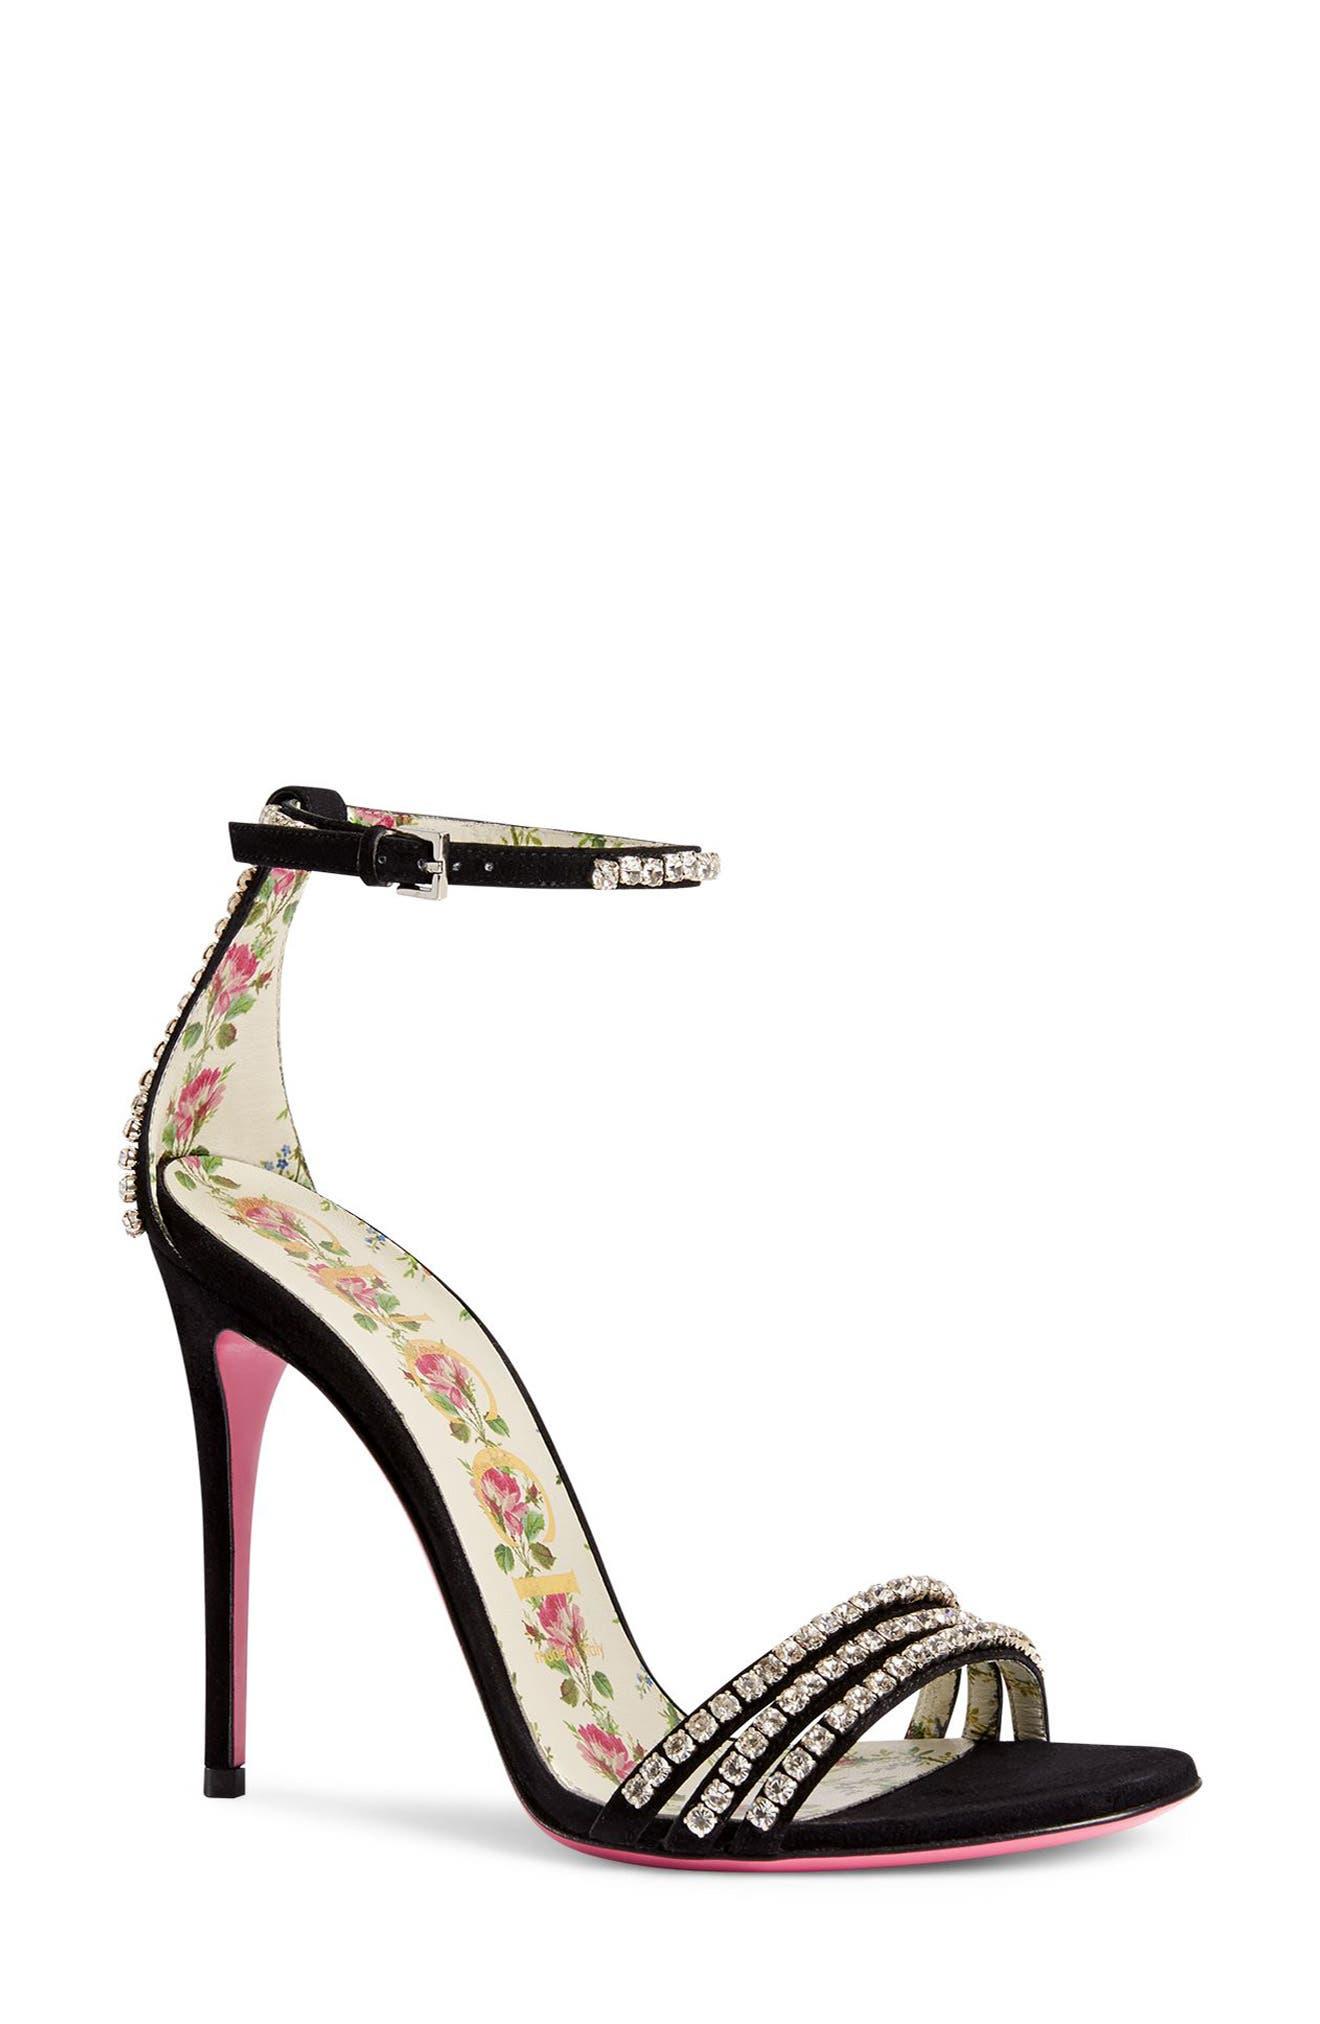 Ilse Crystal Embellished Ankle Strap Sandal,                             Main thumbnail 1, color,                             004